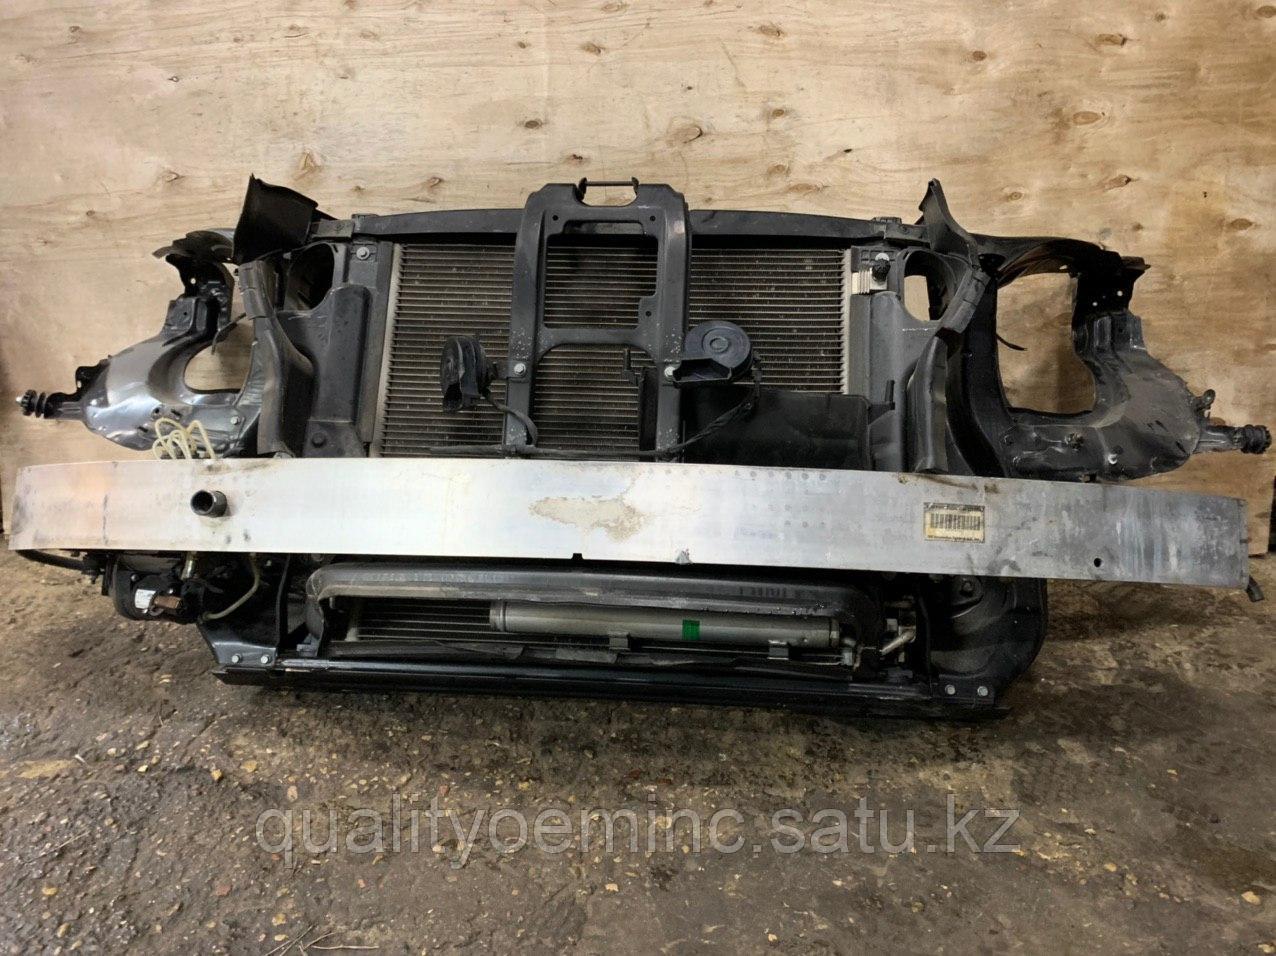 Кассета радиаторов на Mercedes-Benz GL-Класс X164 [рестайлинг]